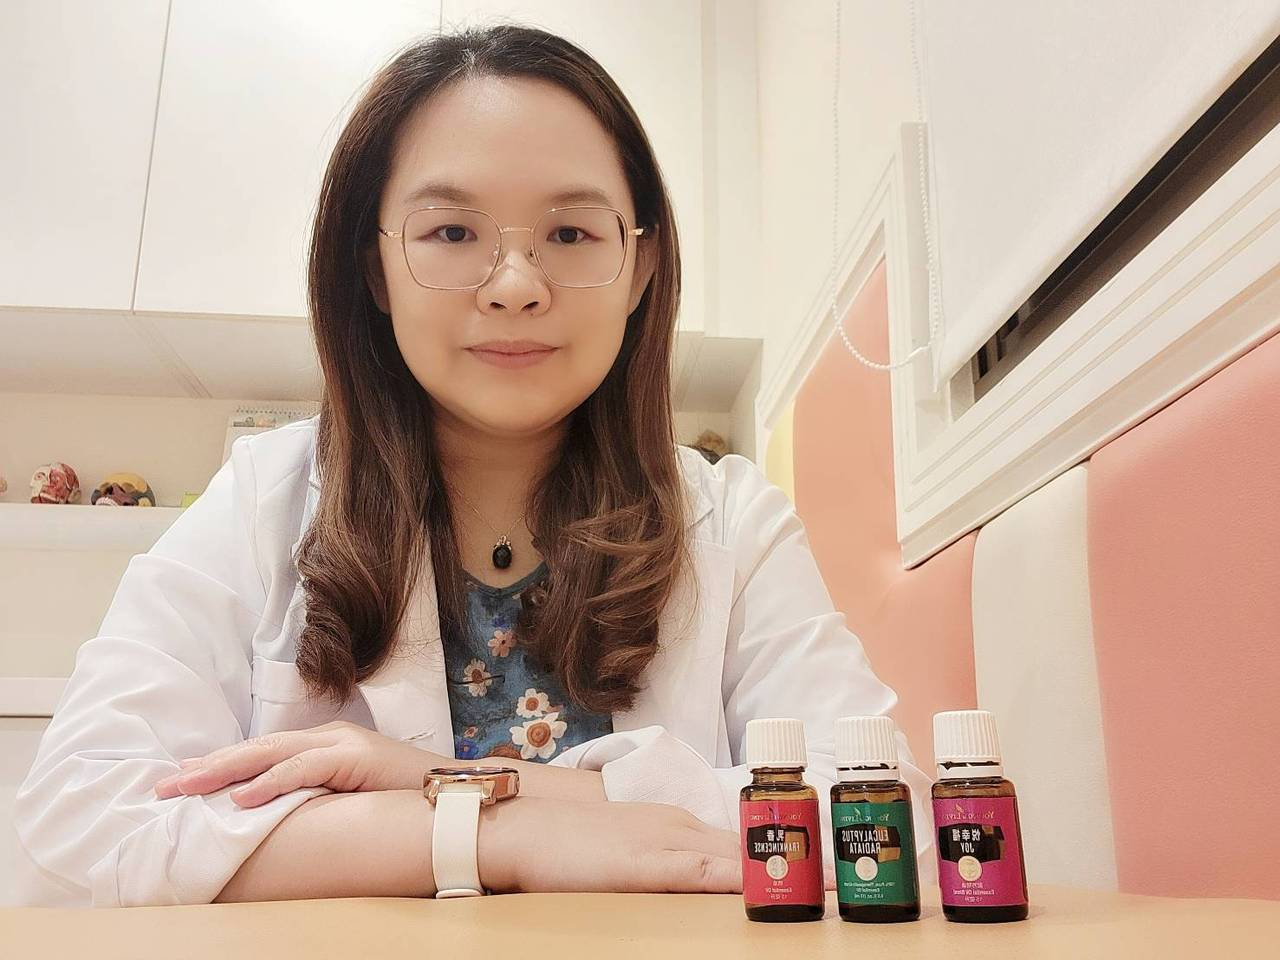 俗稱「芳療」的芳香療法,以天然植物精油,搭配手法針對身體、頭部按摩,舒緩不適、療...